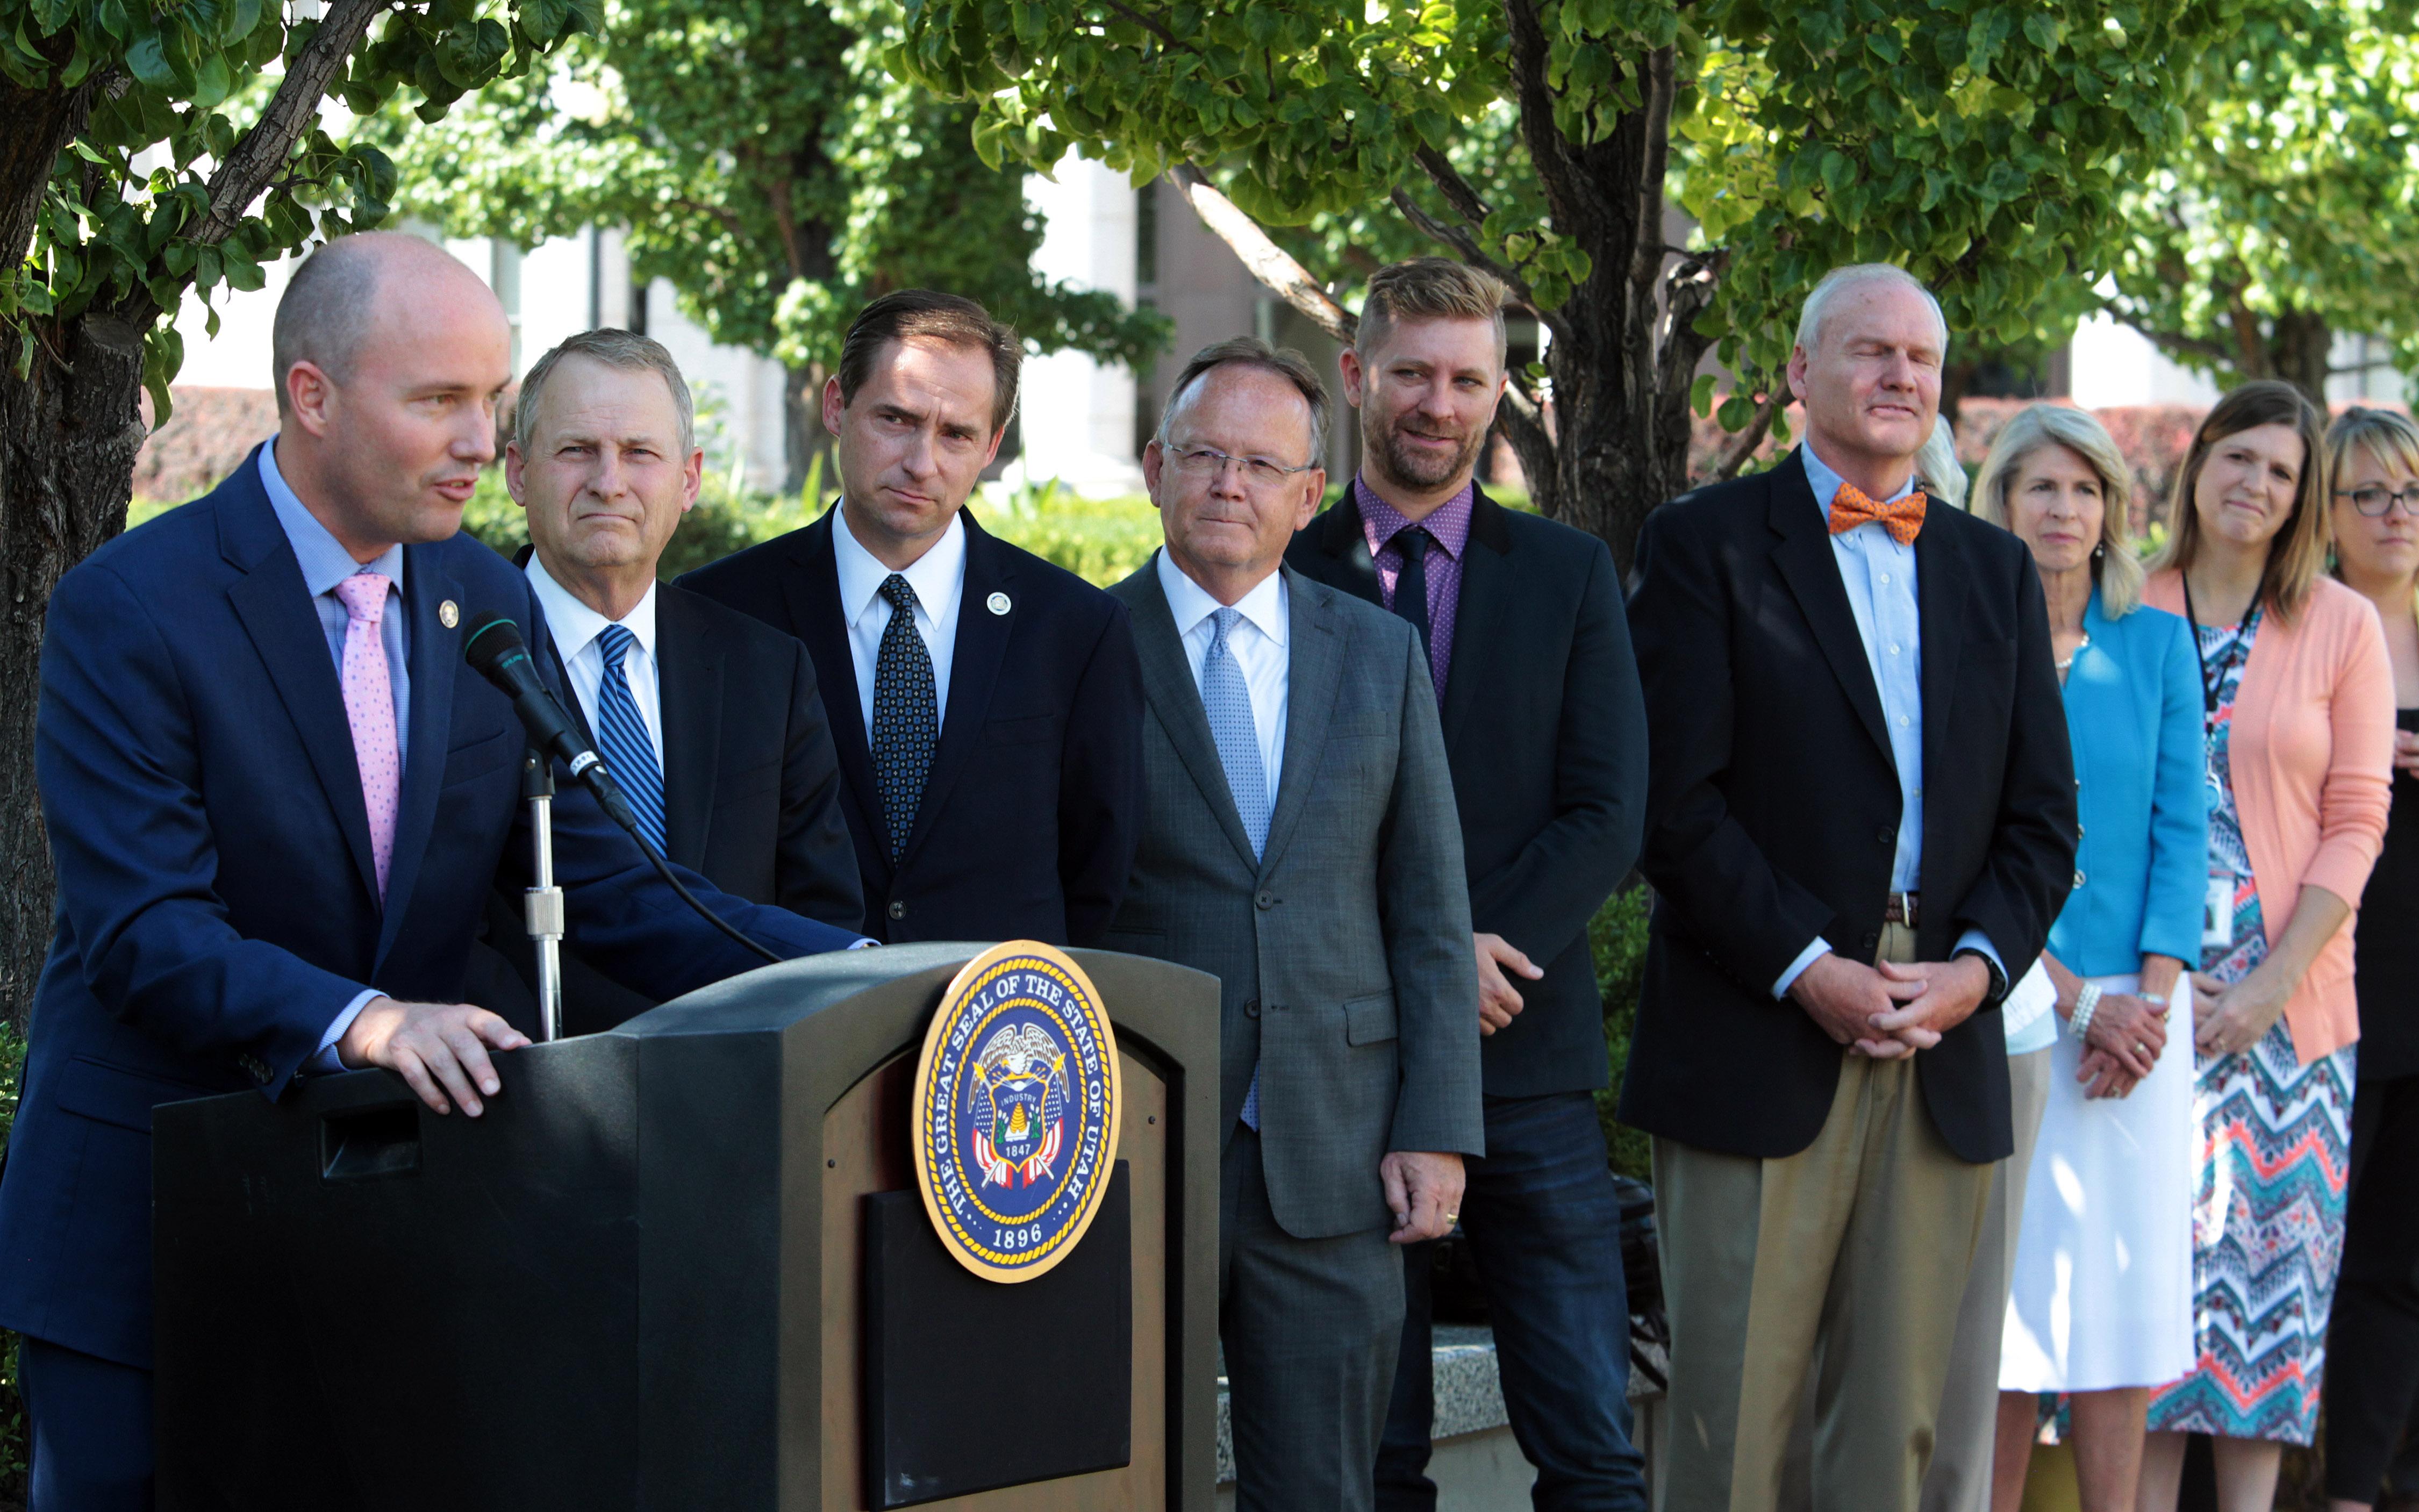 Utah Lt. Governor Spencer Cox, left, spoke at the news conference on suicide awareness, September 7, 2018.